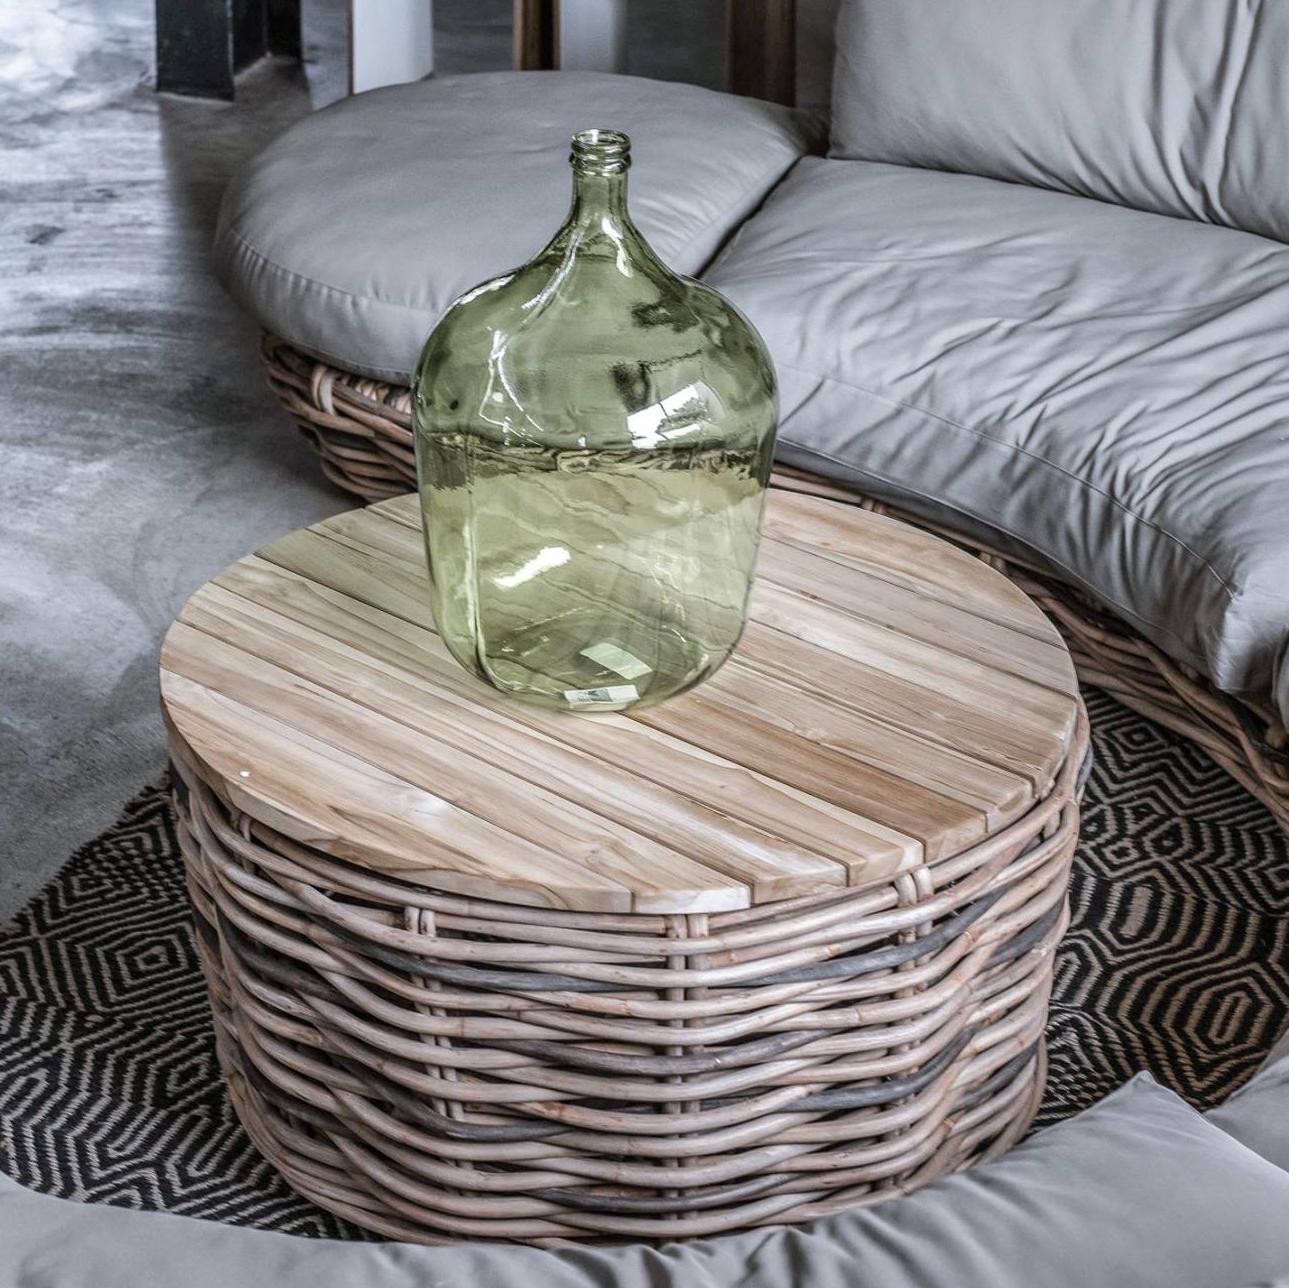 Cane Furniture - Indoor